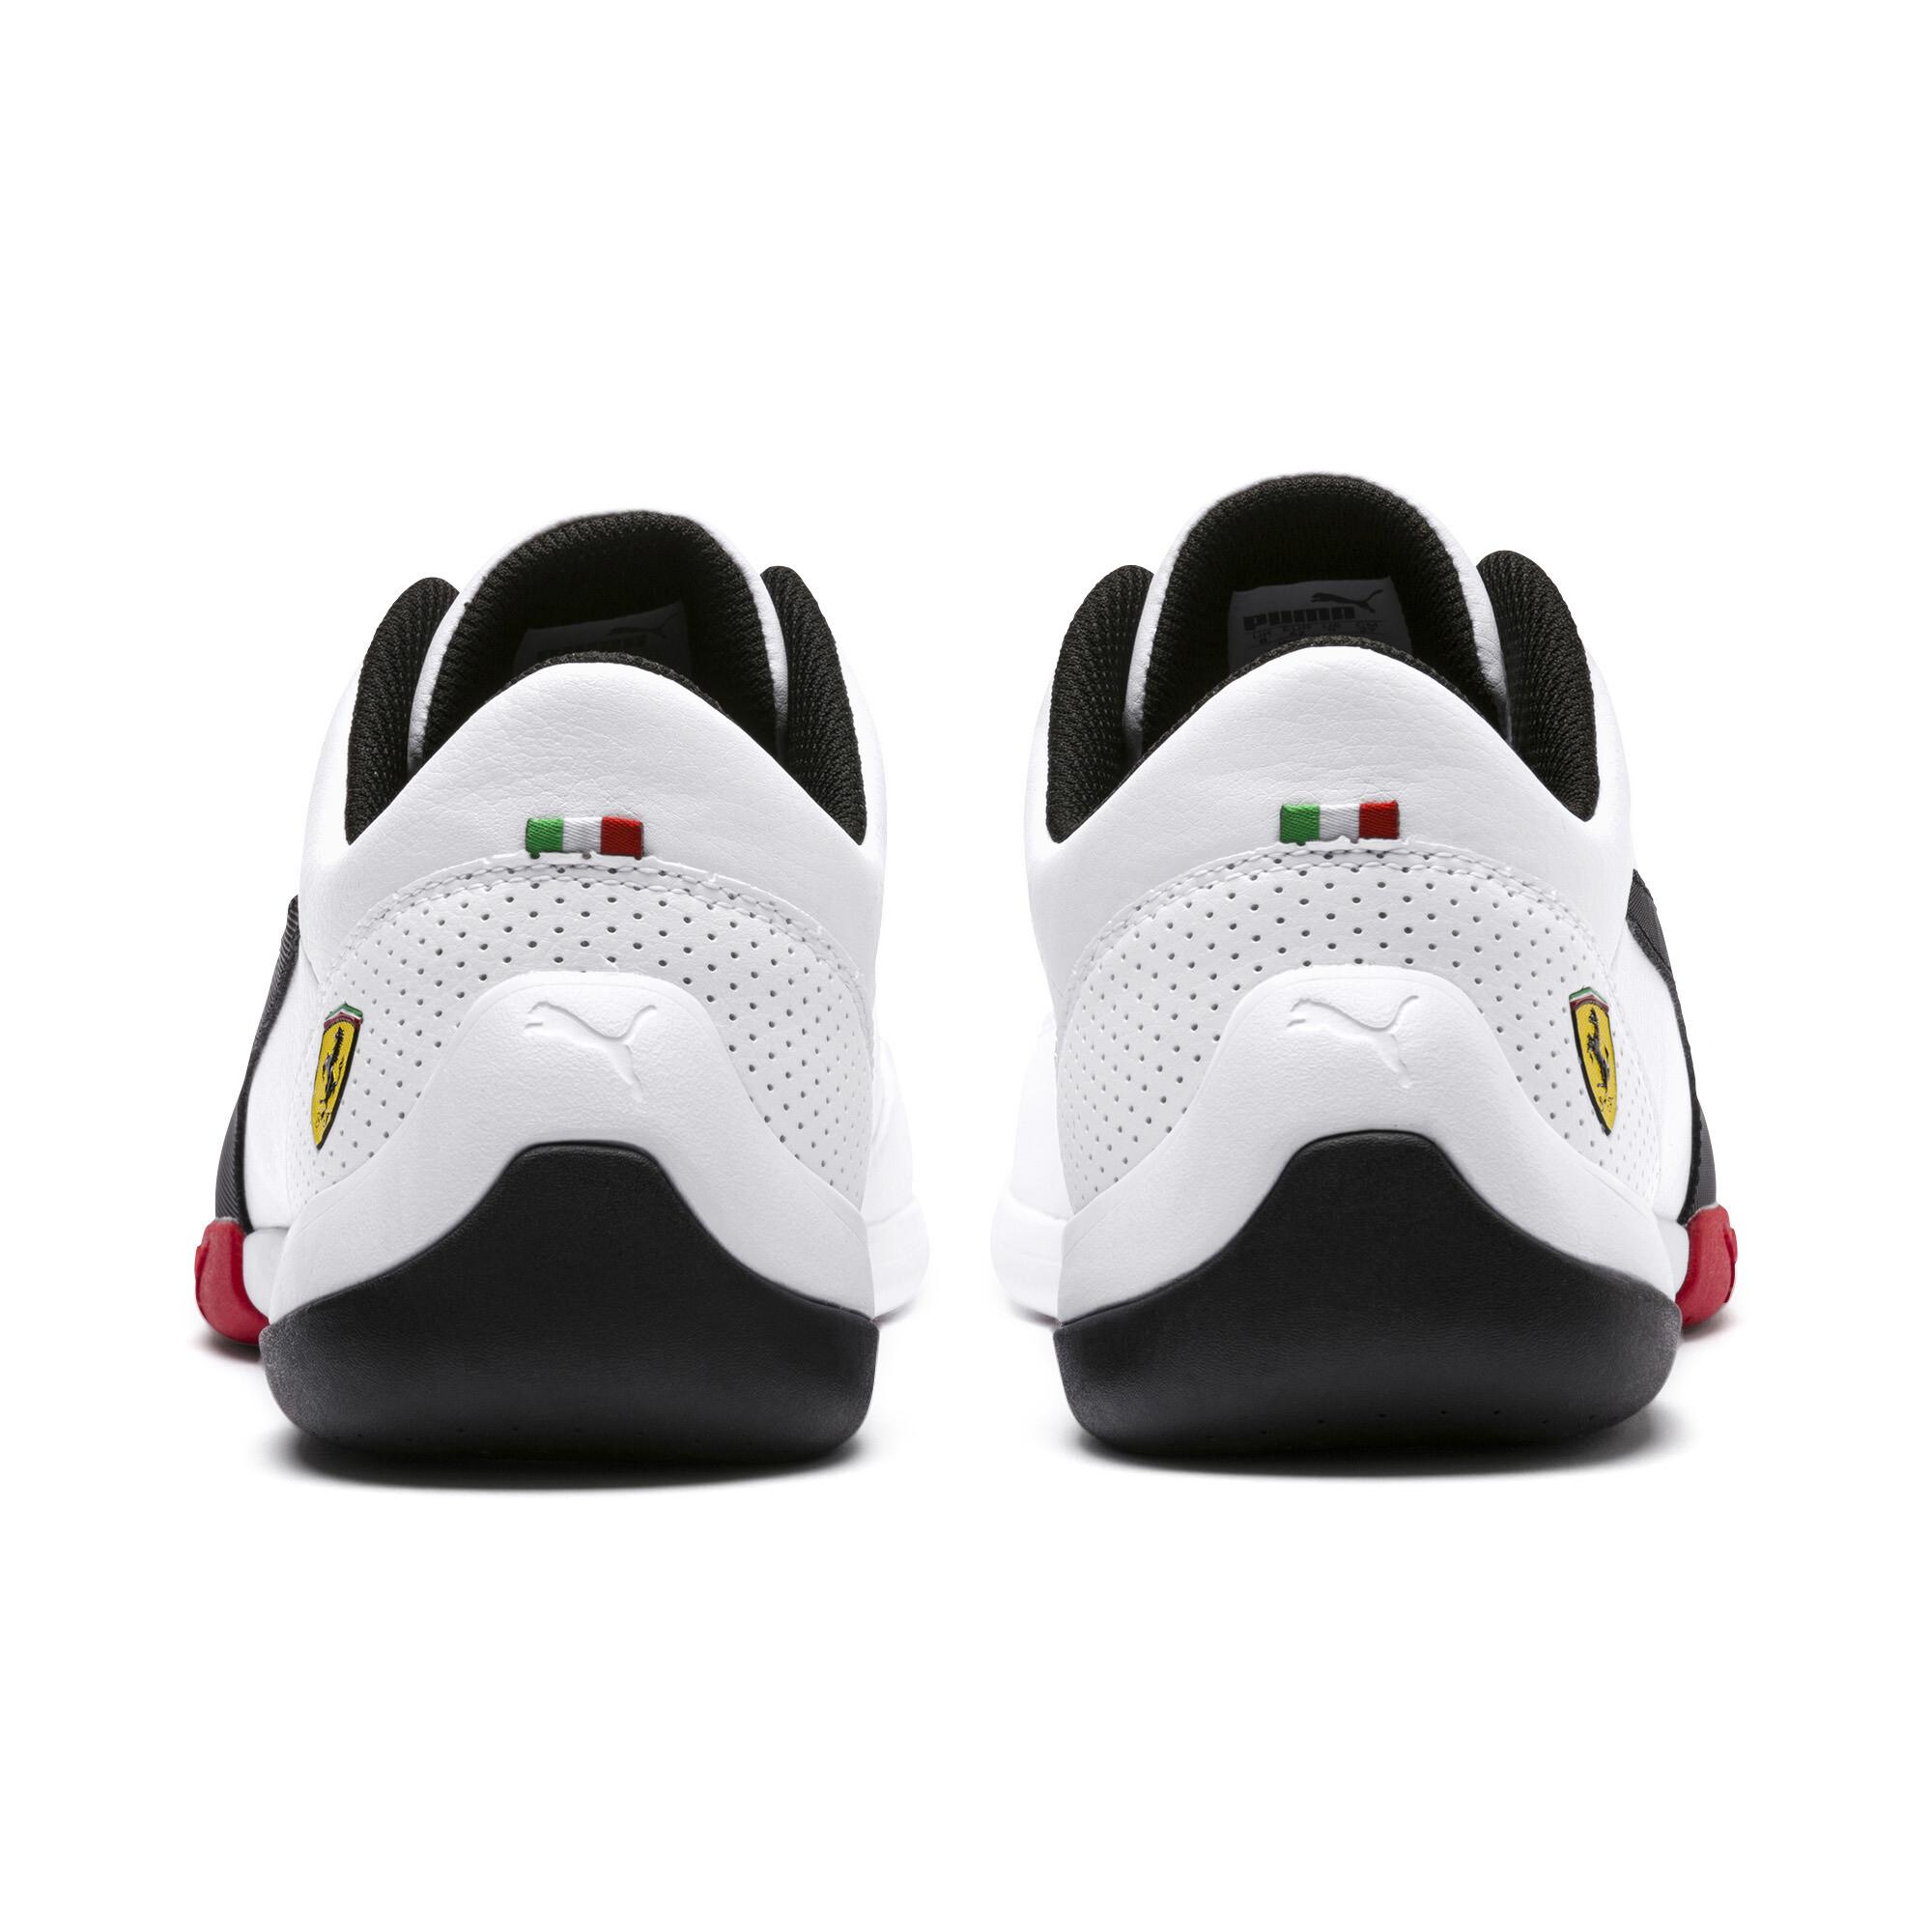 PUMA-Scuderia-Ferrari-Kart-Cat-III-Shoes-Men-Shoe-Auto thumbnail 7